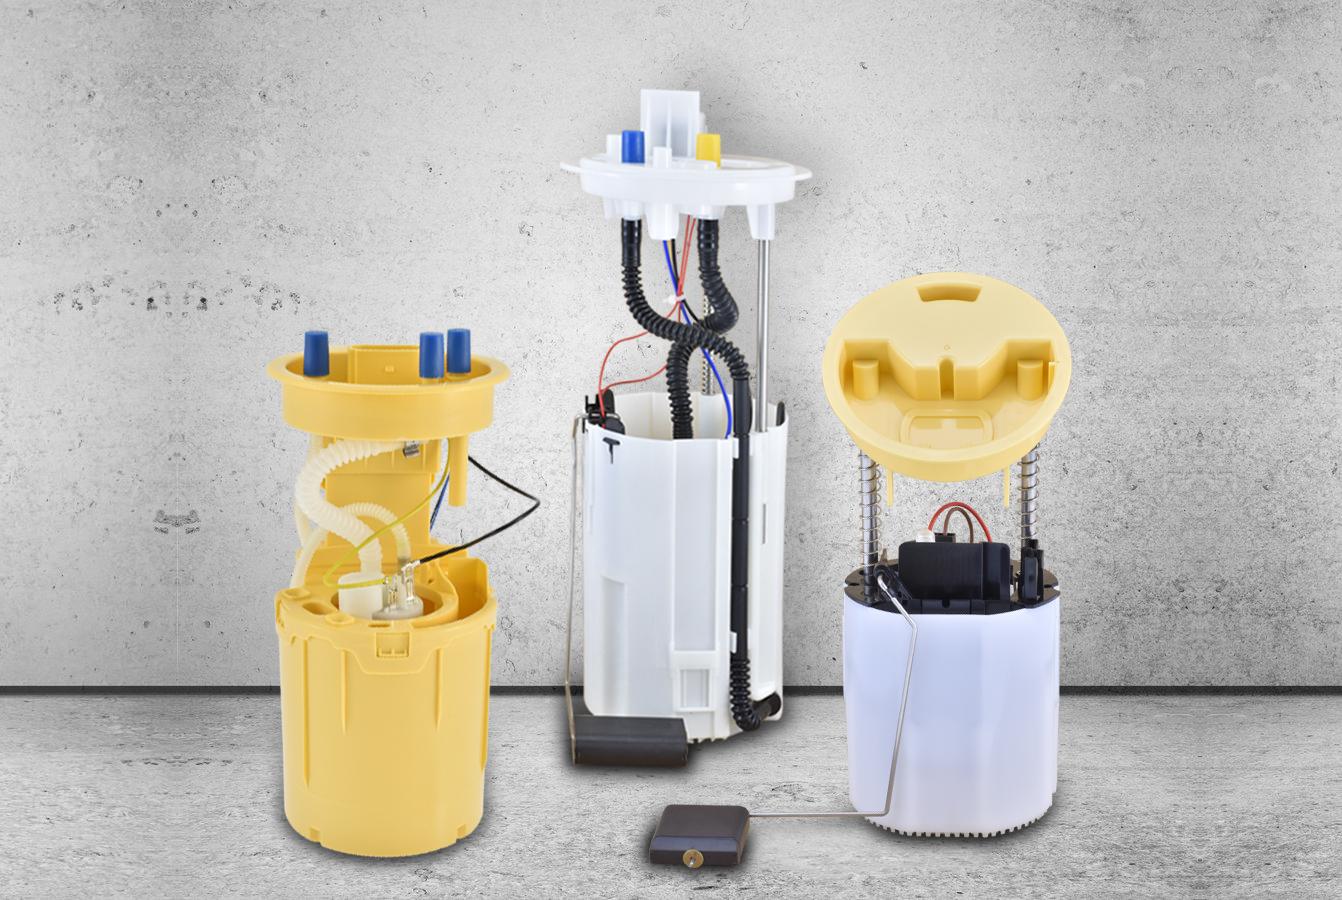 New ELTA Fuel Pumps